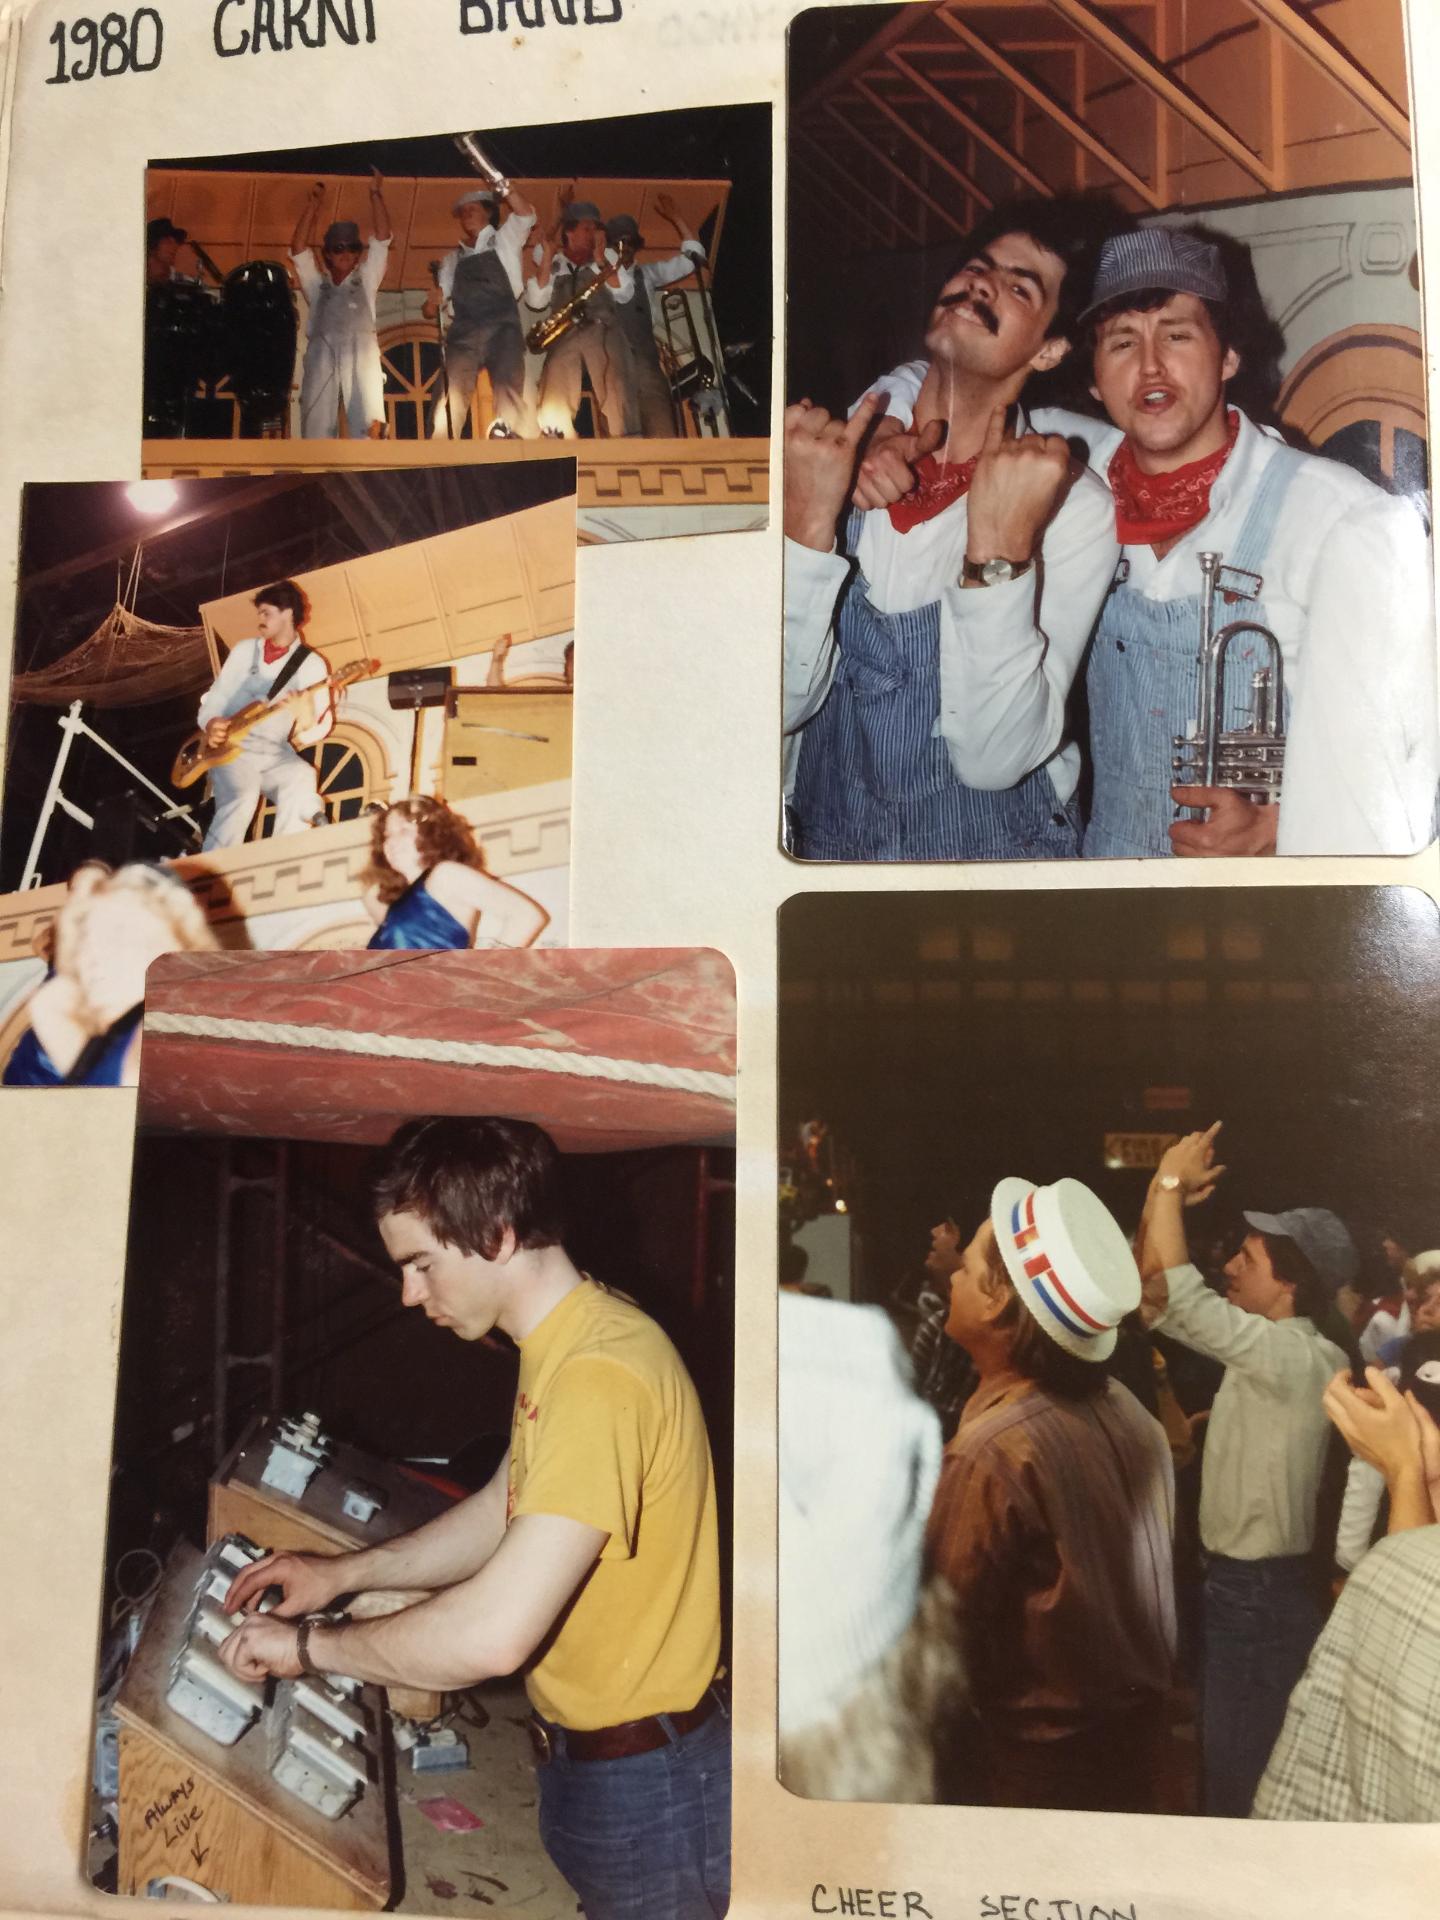 Campus Carni 1980